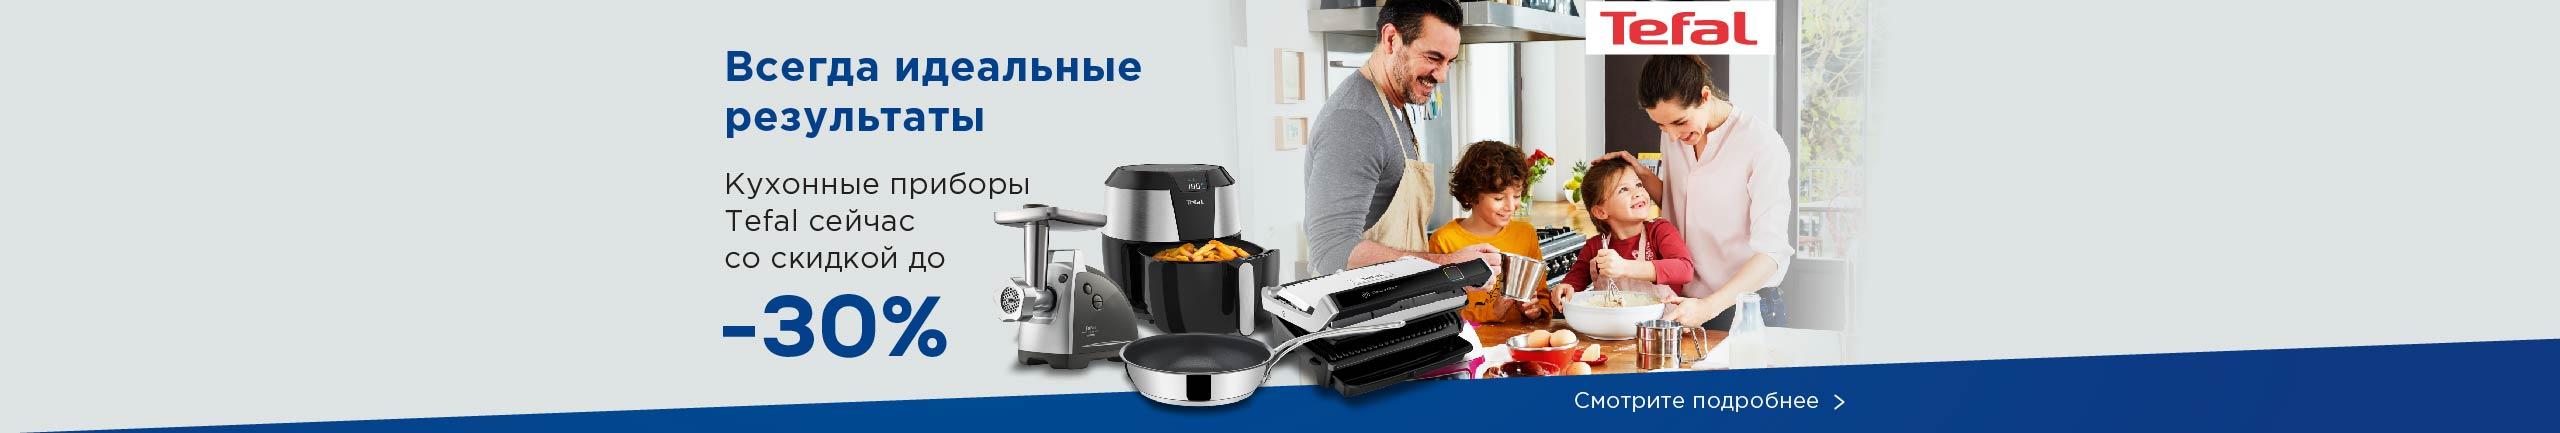 Кухонные приборы Tefal сейчас со скидкой до 30%!